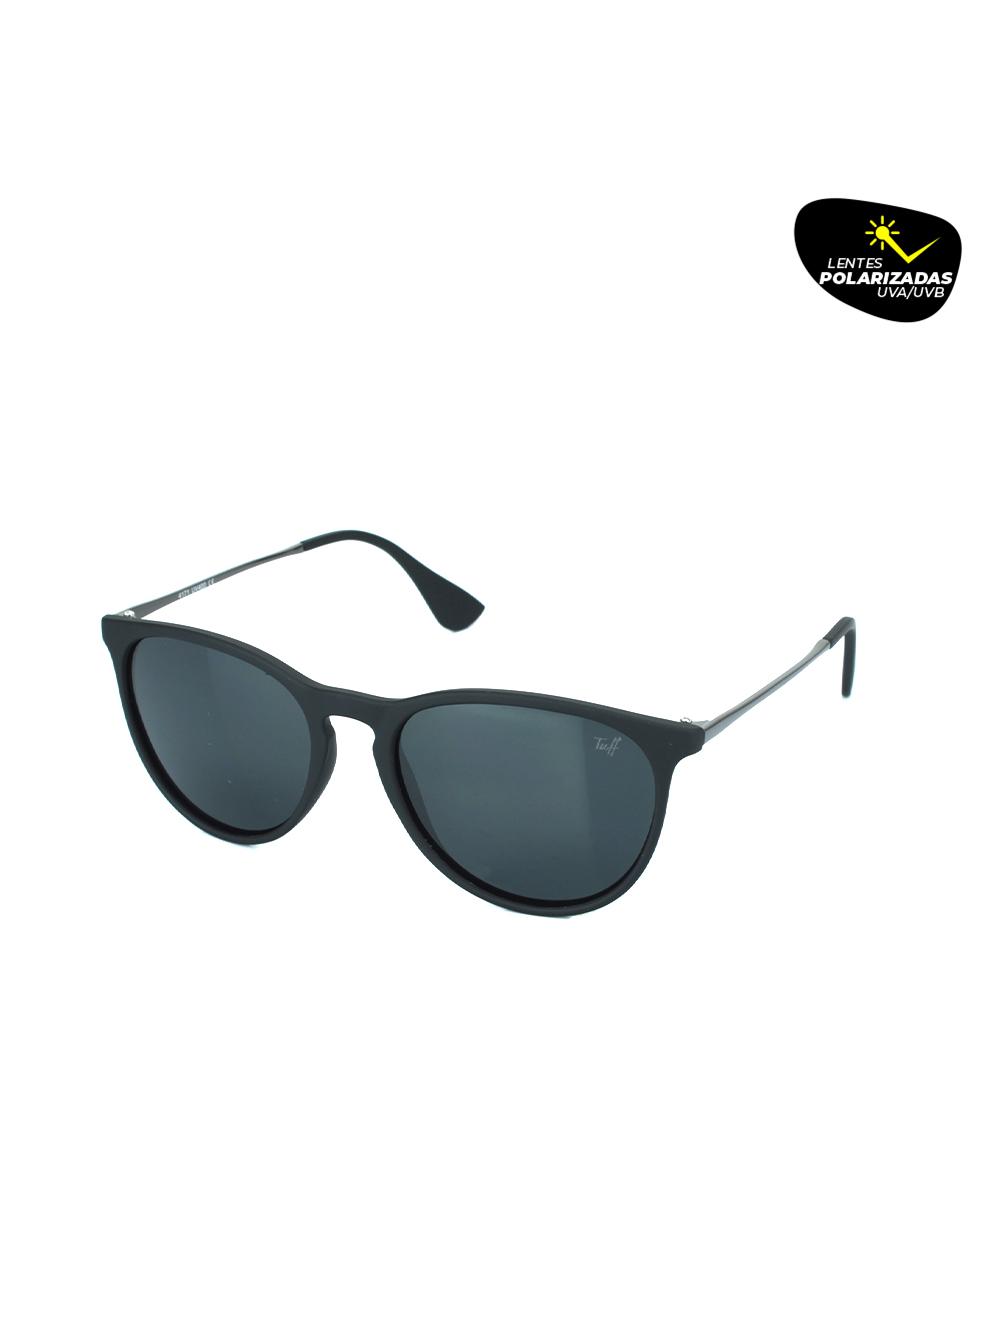 Sunglasses Arredondado Preto Polarizado